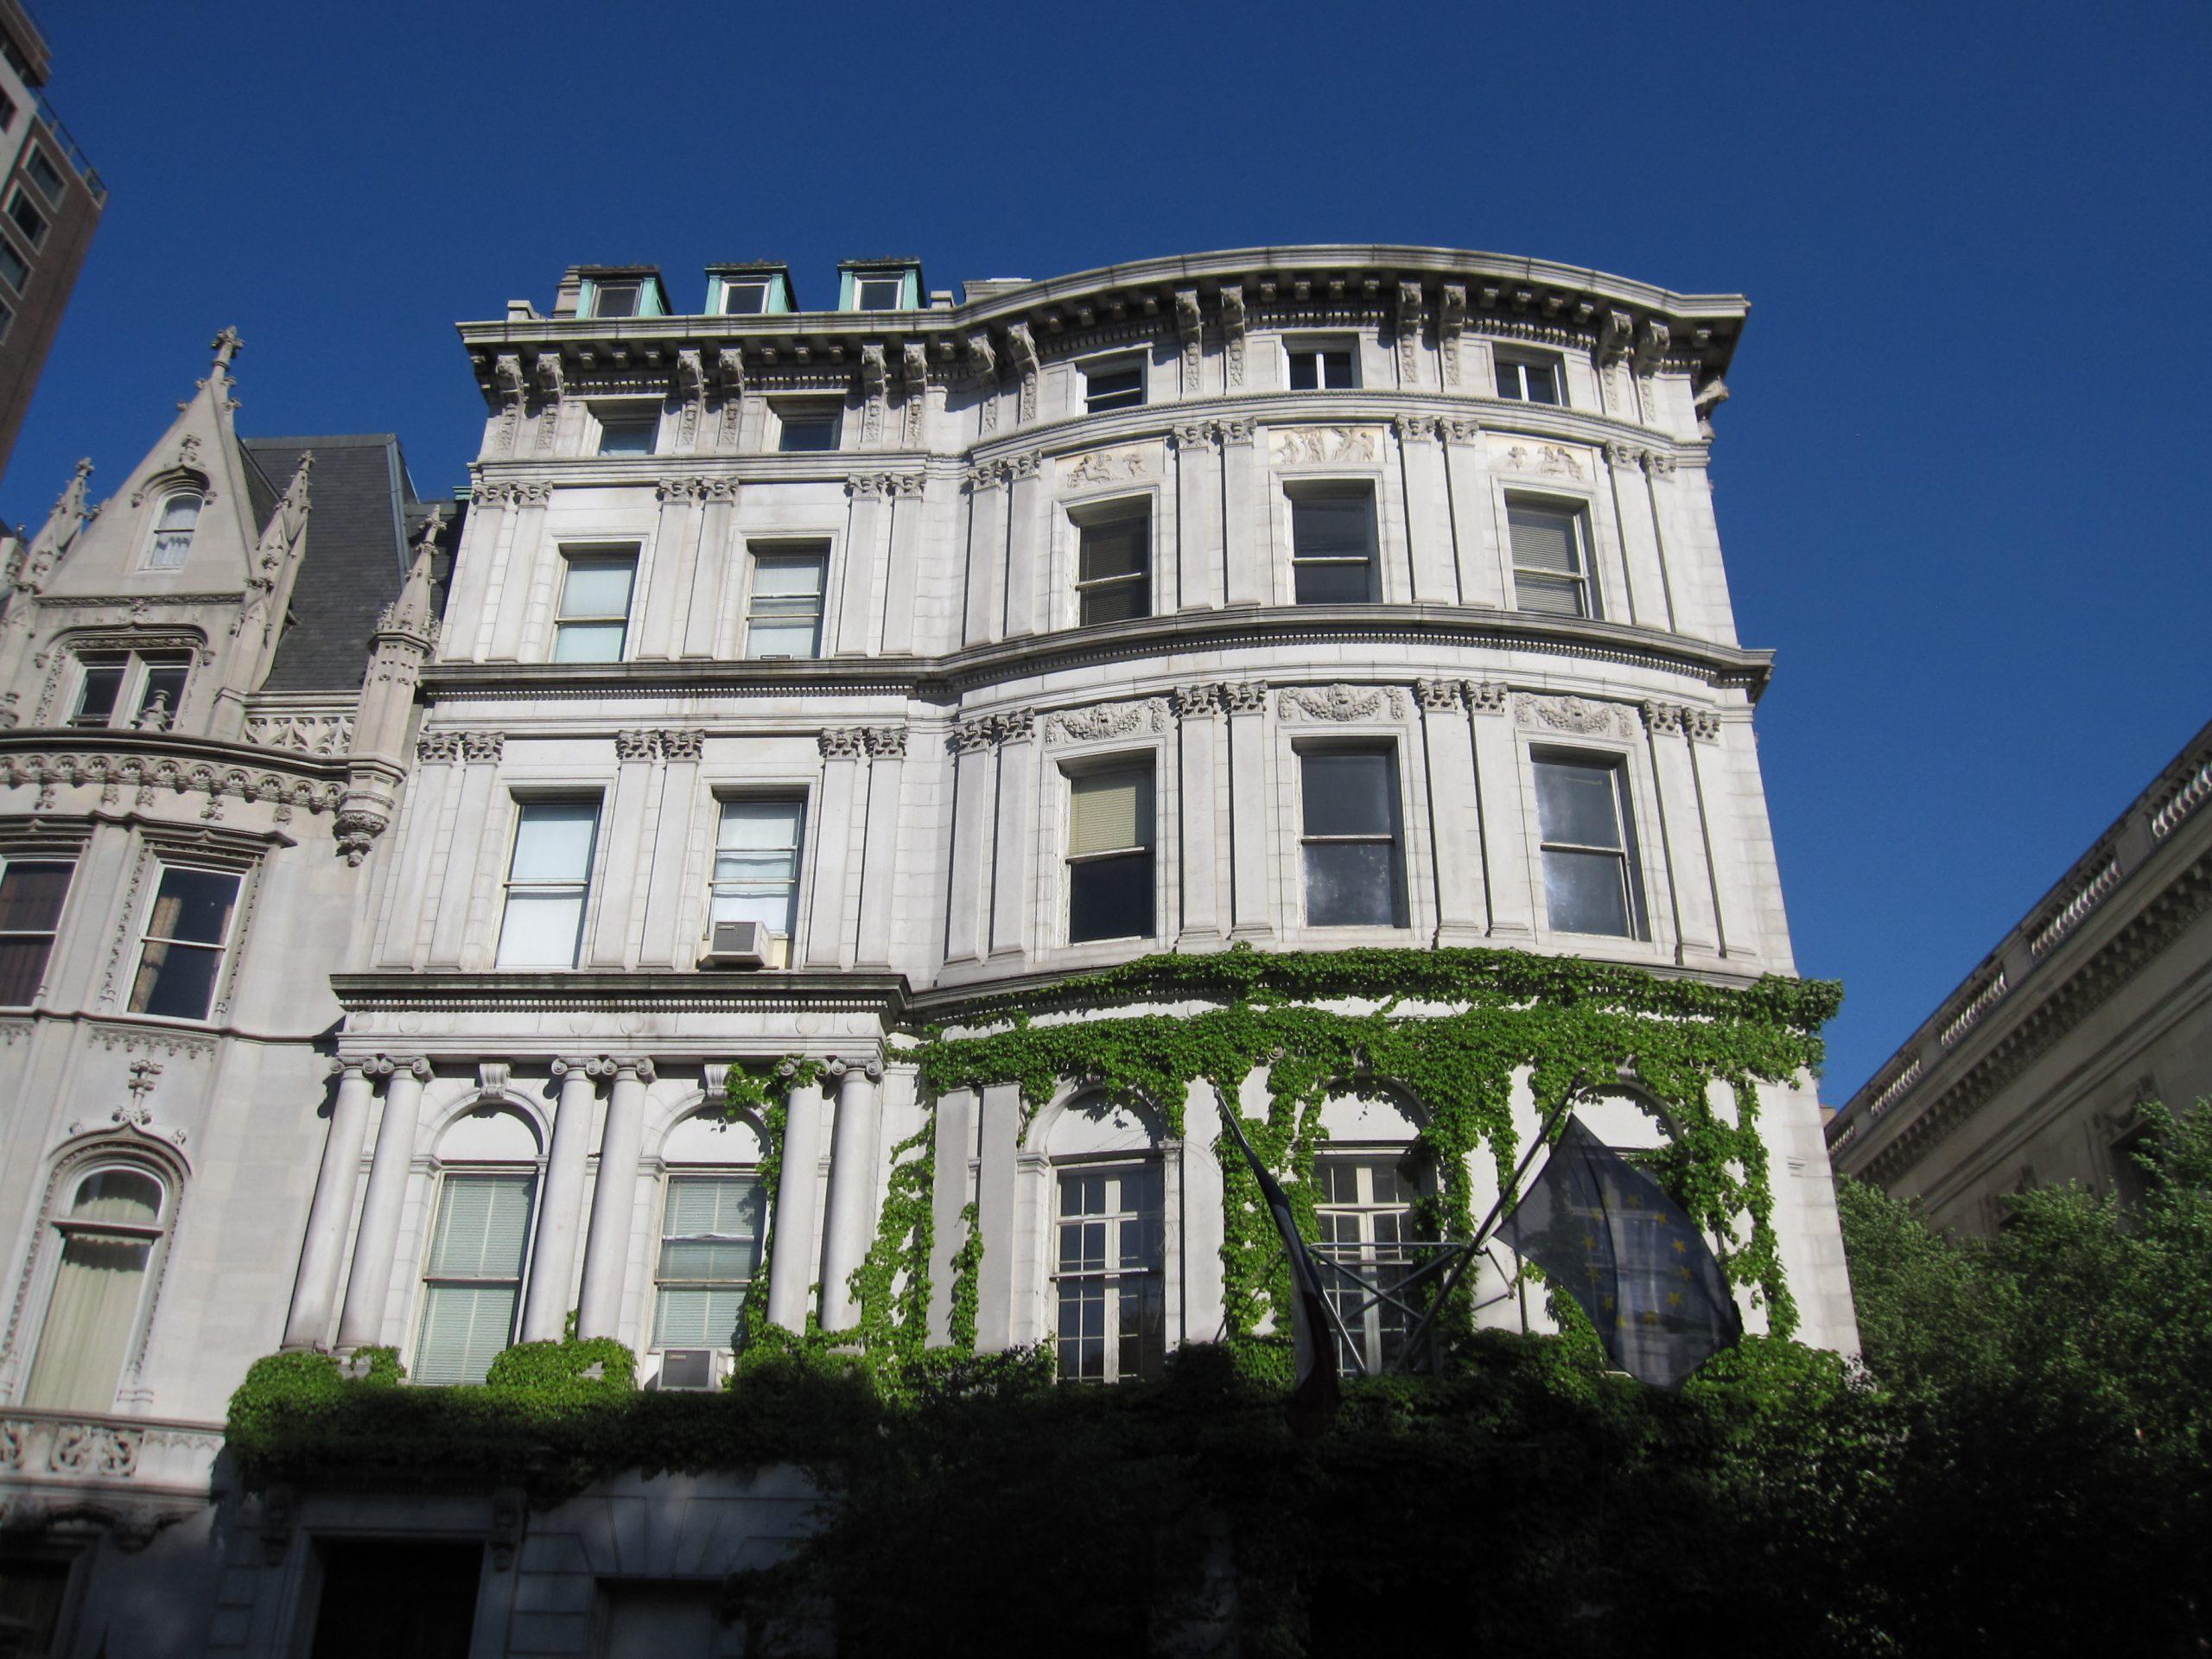 Payne Whitney House